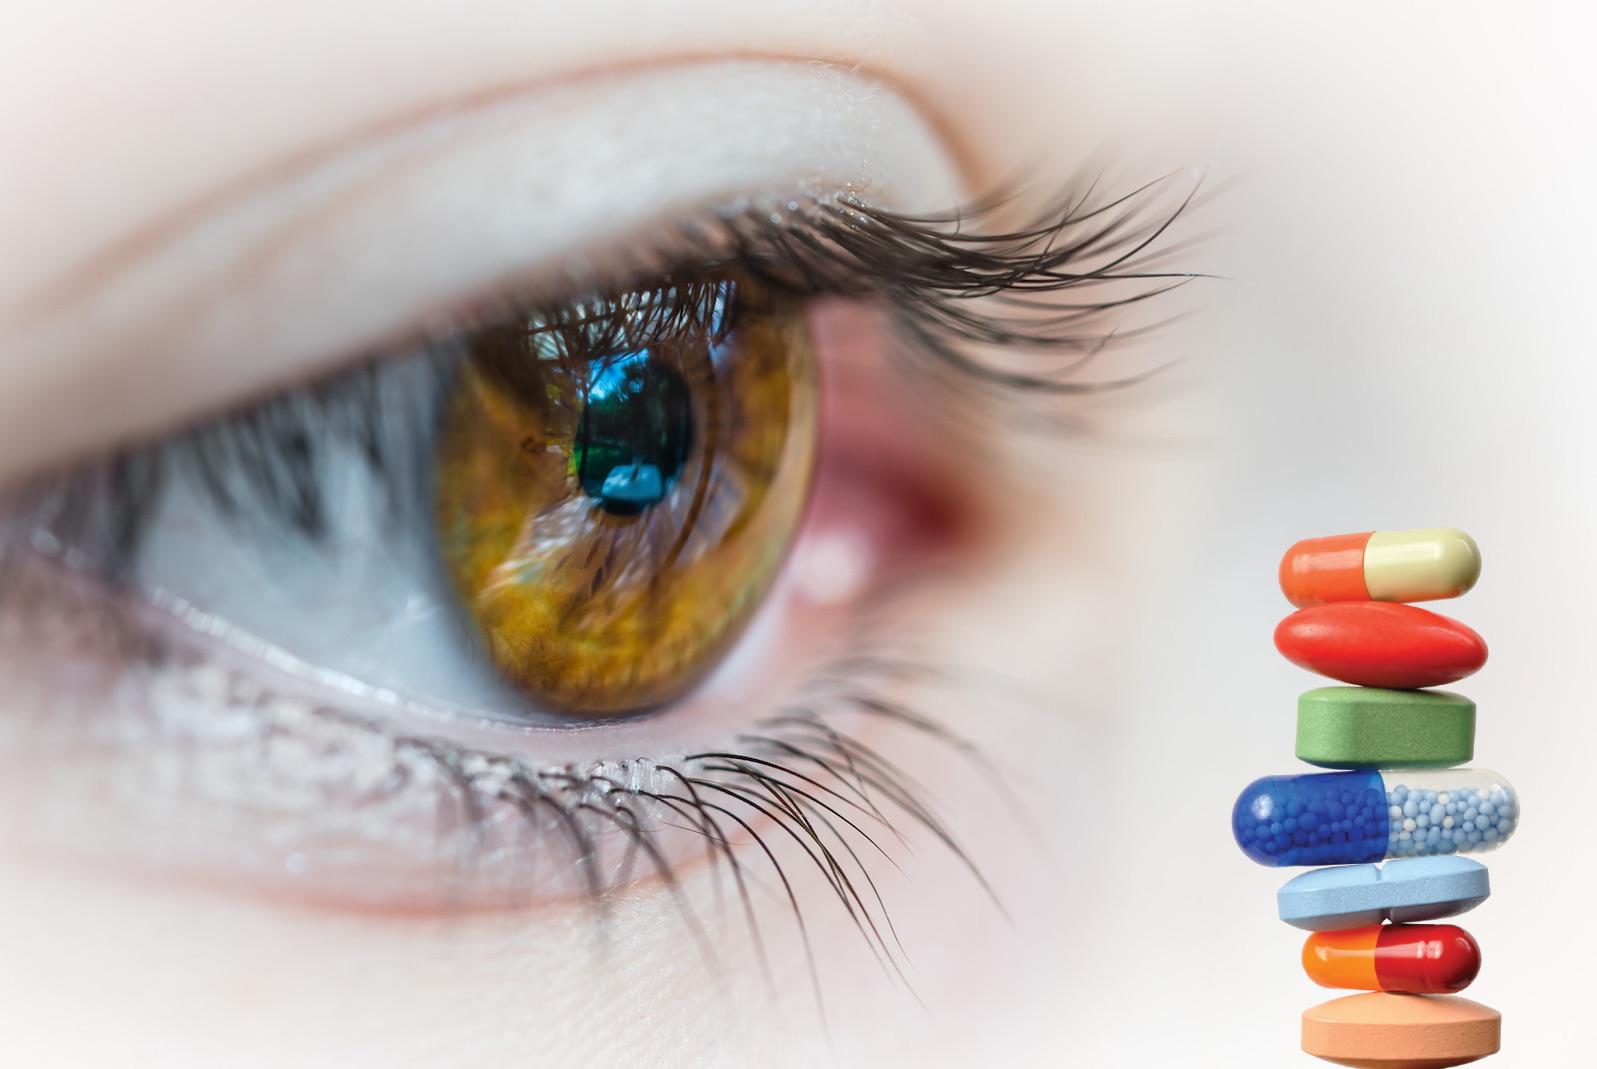 vârfurile degetelor devin amorțite cum să opriți scăderea acuității vizuale